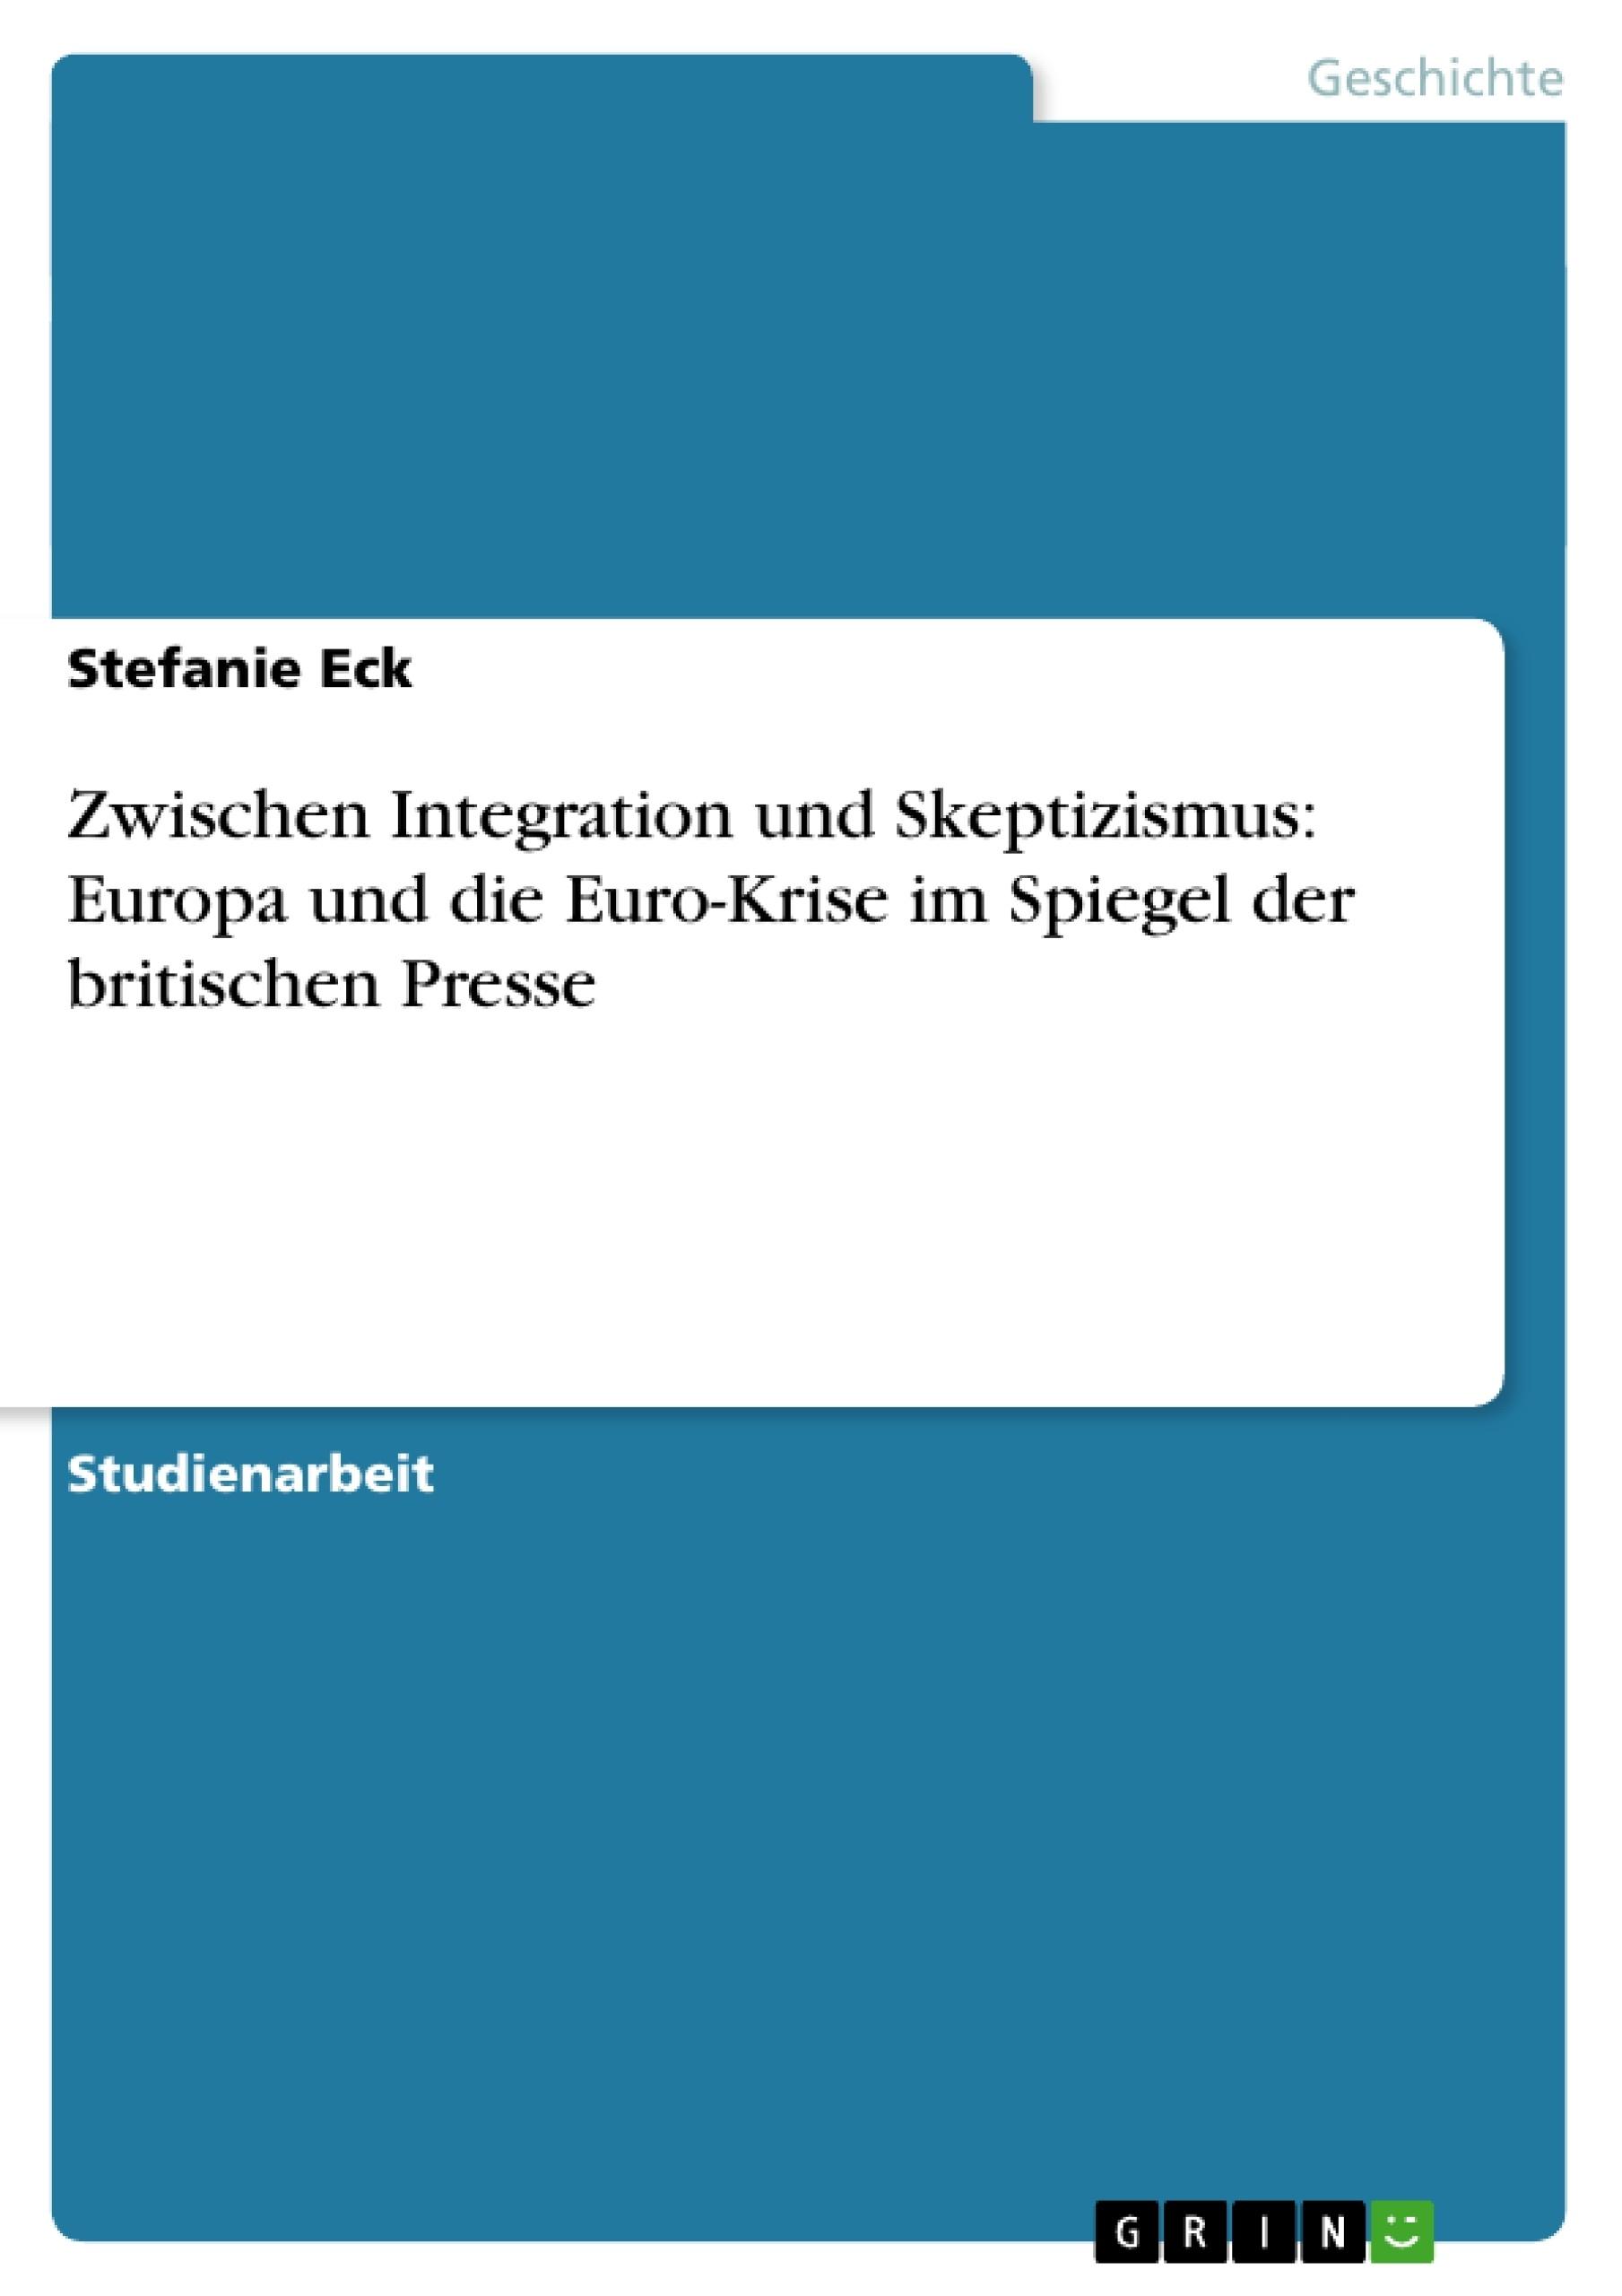 Titel: Zwischen Integration und Skeptizismus:  Europa und die Euro-Krise im Spiegel der britischen Presse